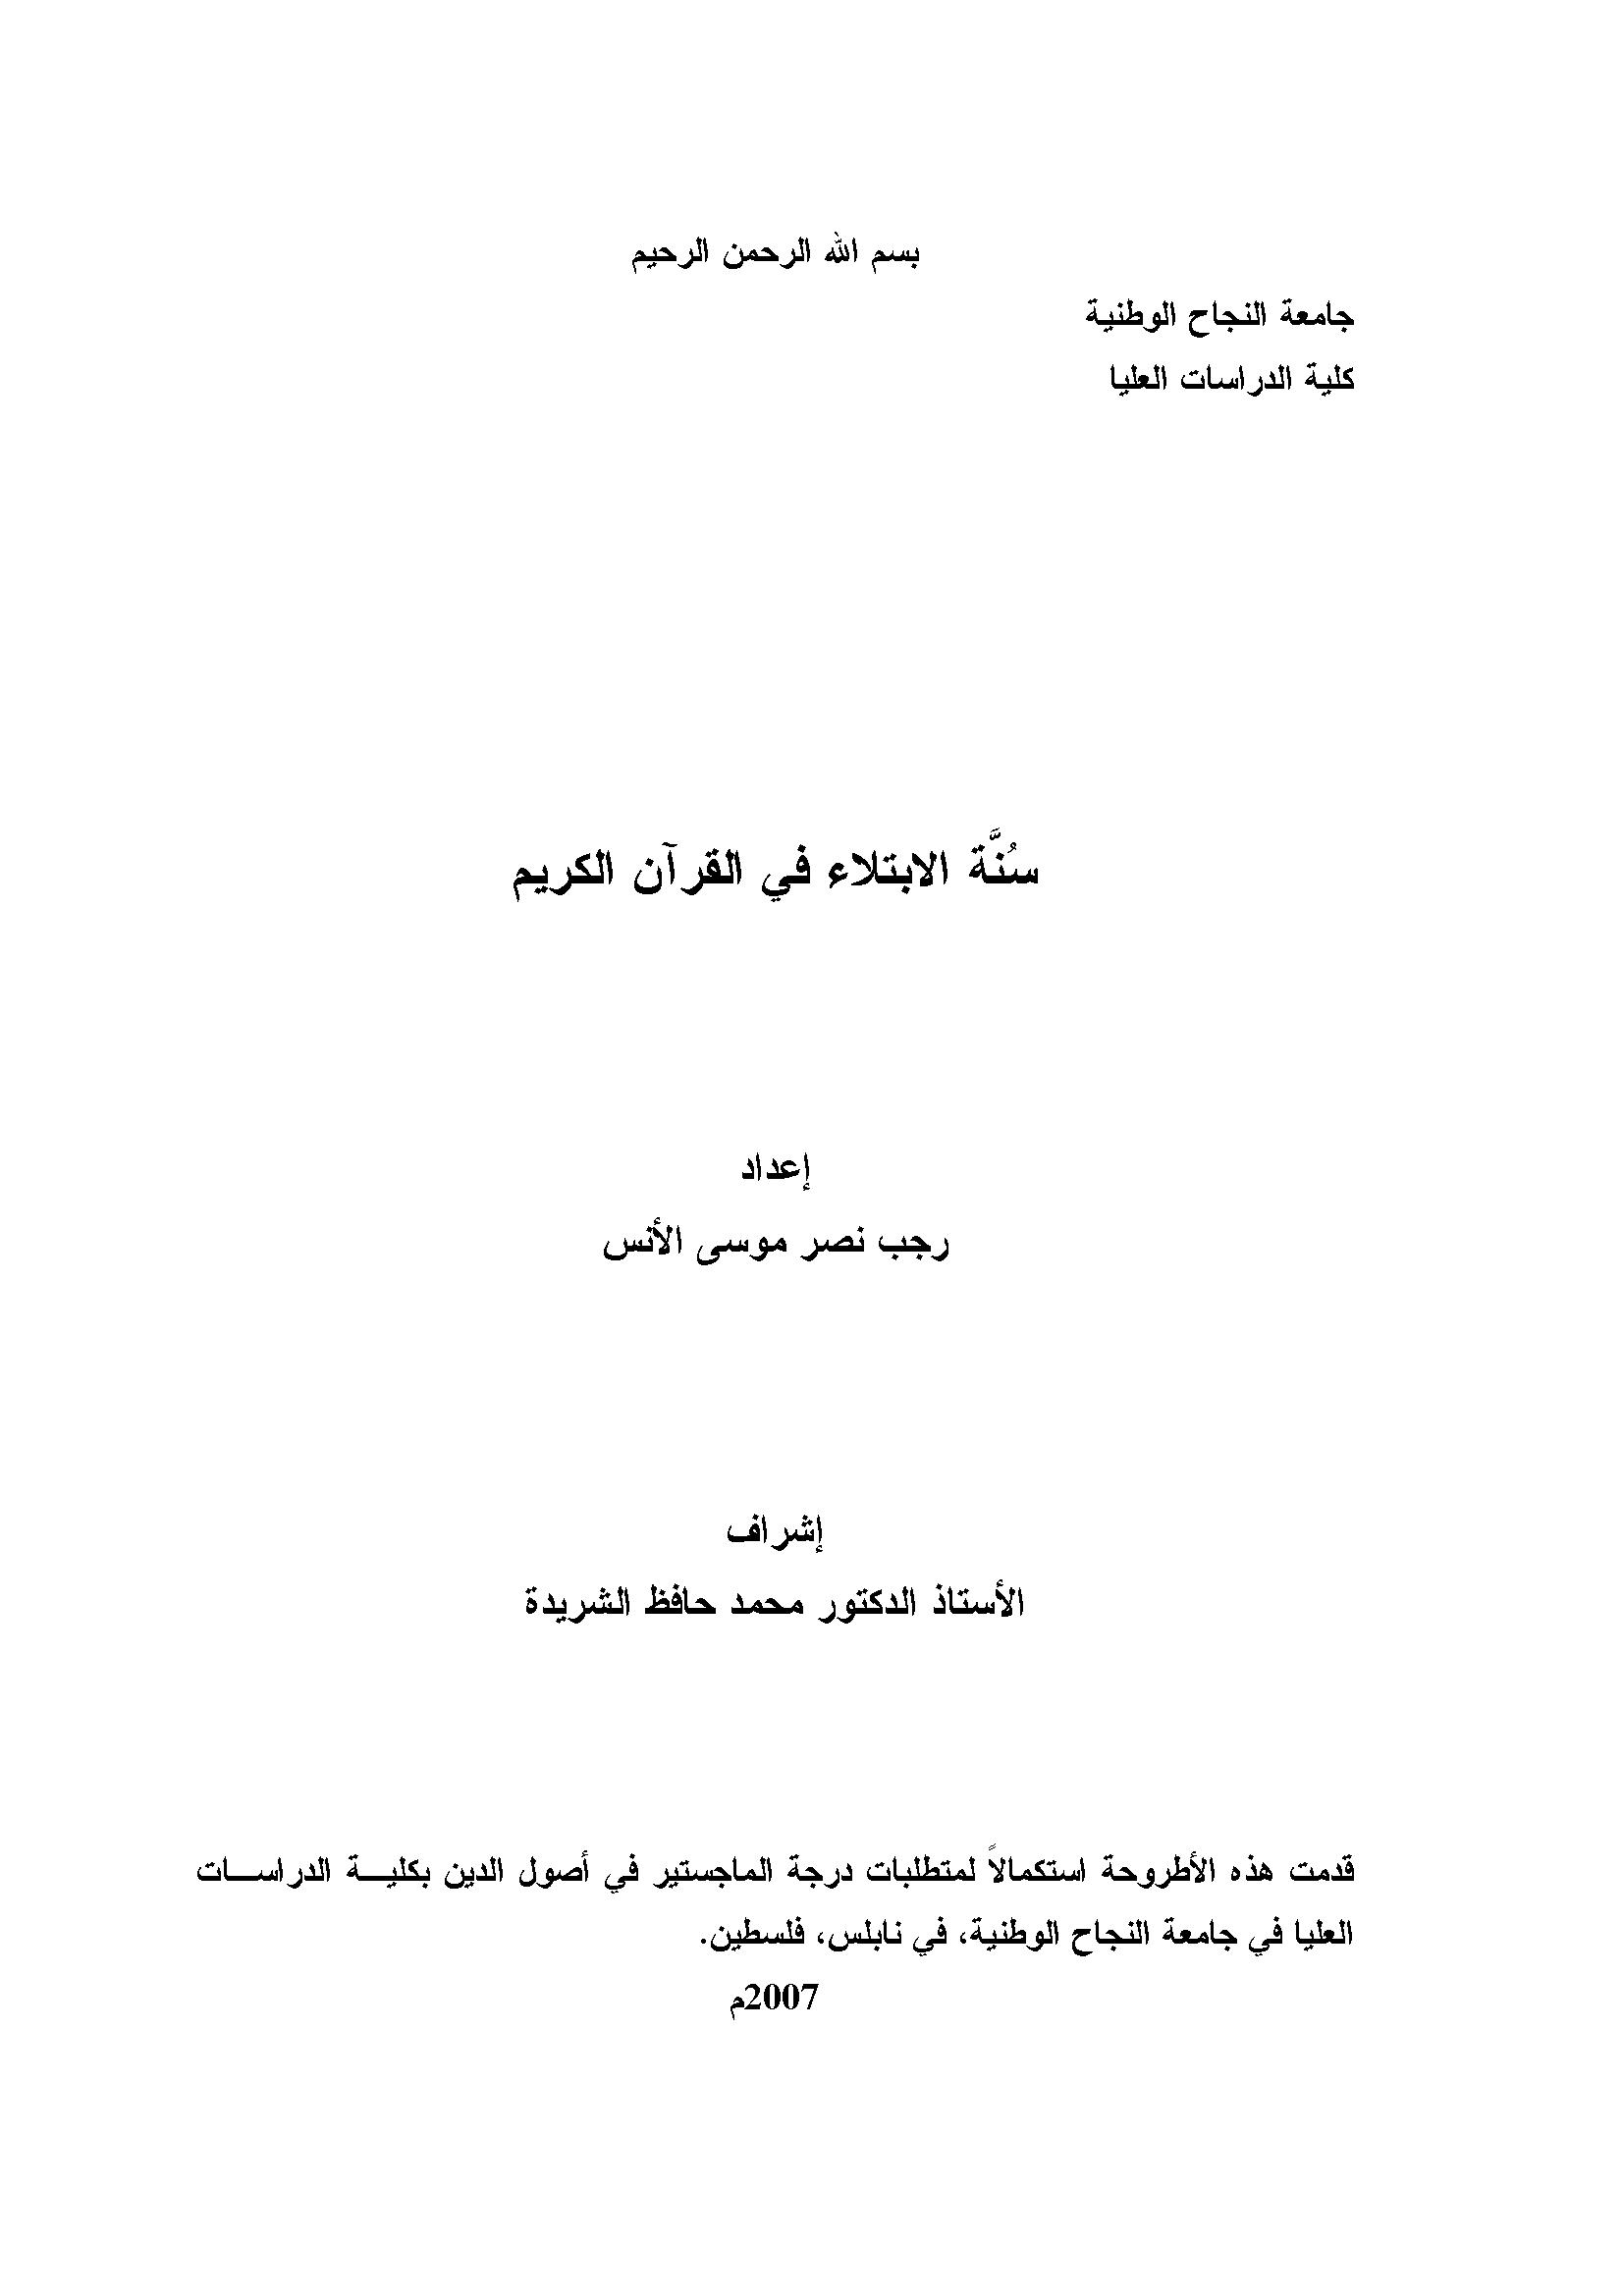 تحميل كتاب سنة الابتلاء في القرآن الكريم لـِ: رجب نصر موسى الأنس